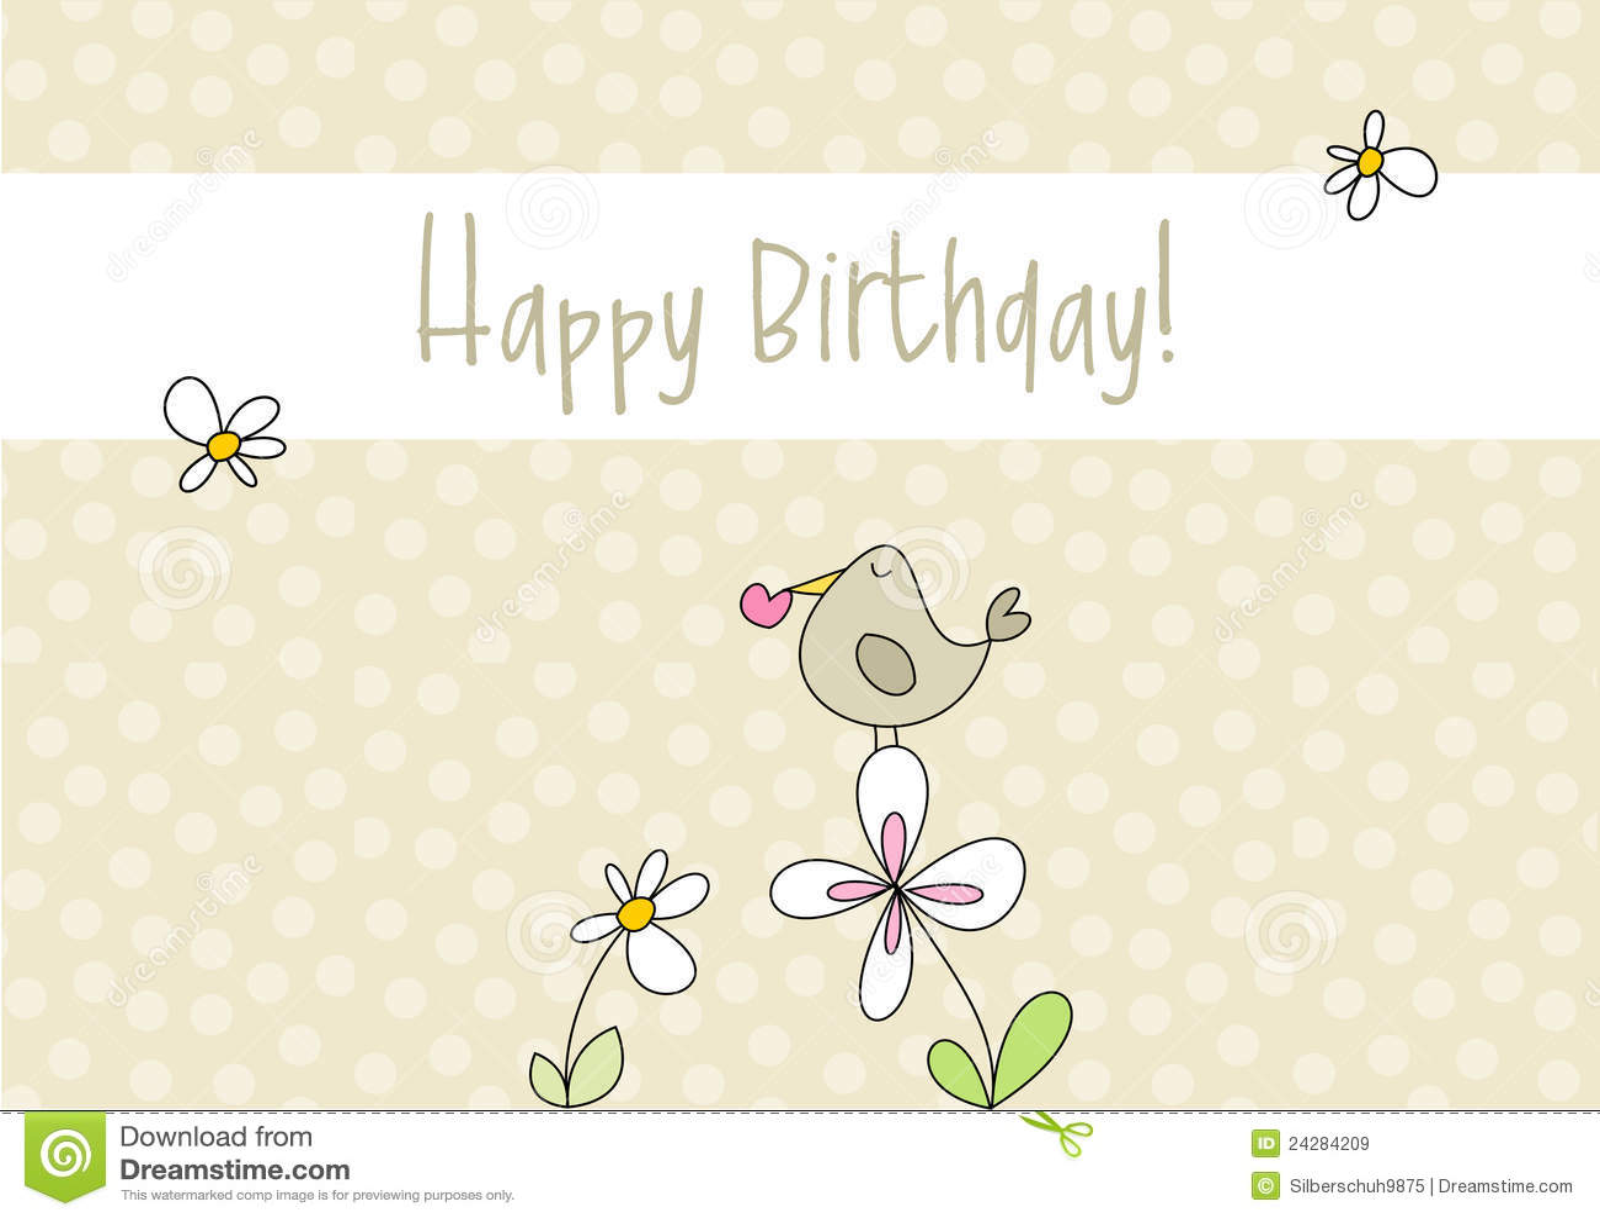 Alles Gute Zum Geburtstag Lacheln Vogel Lustig Leinwandbilder